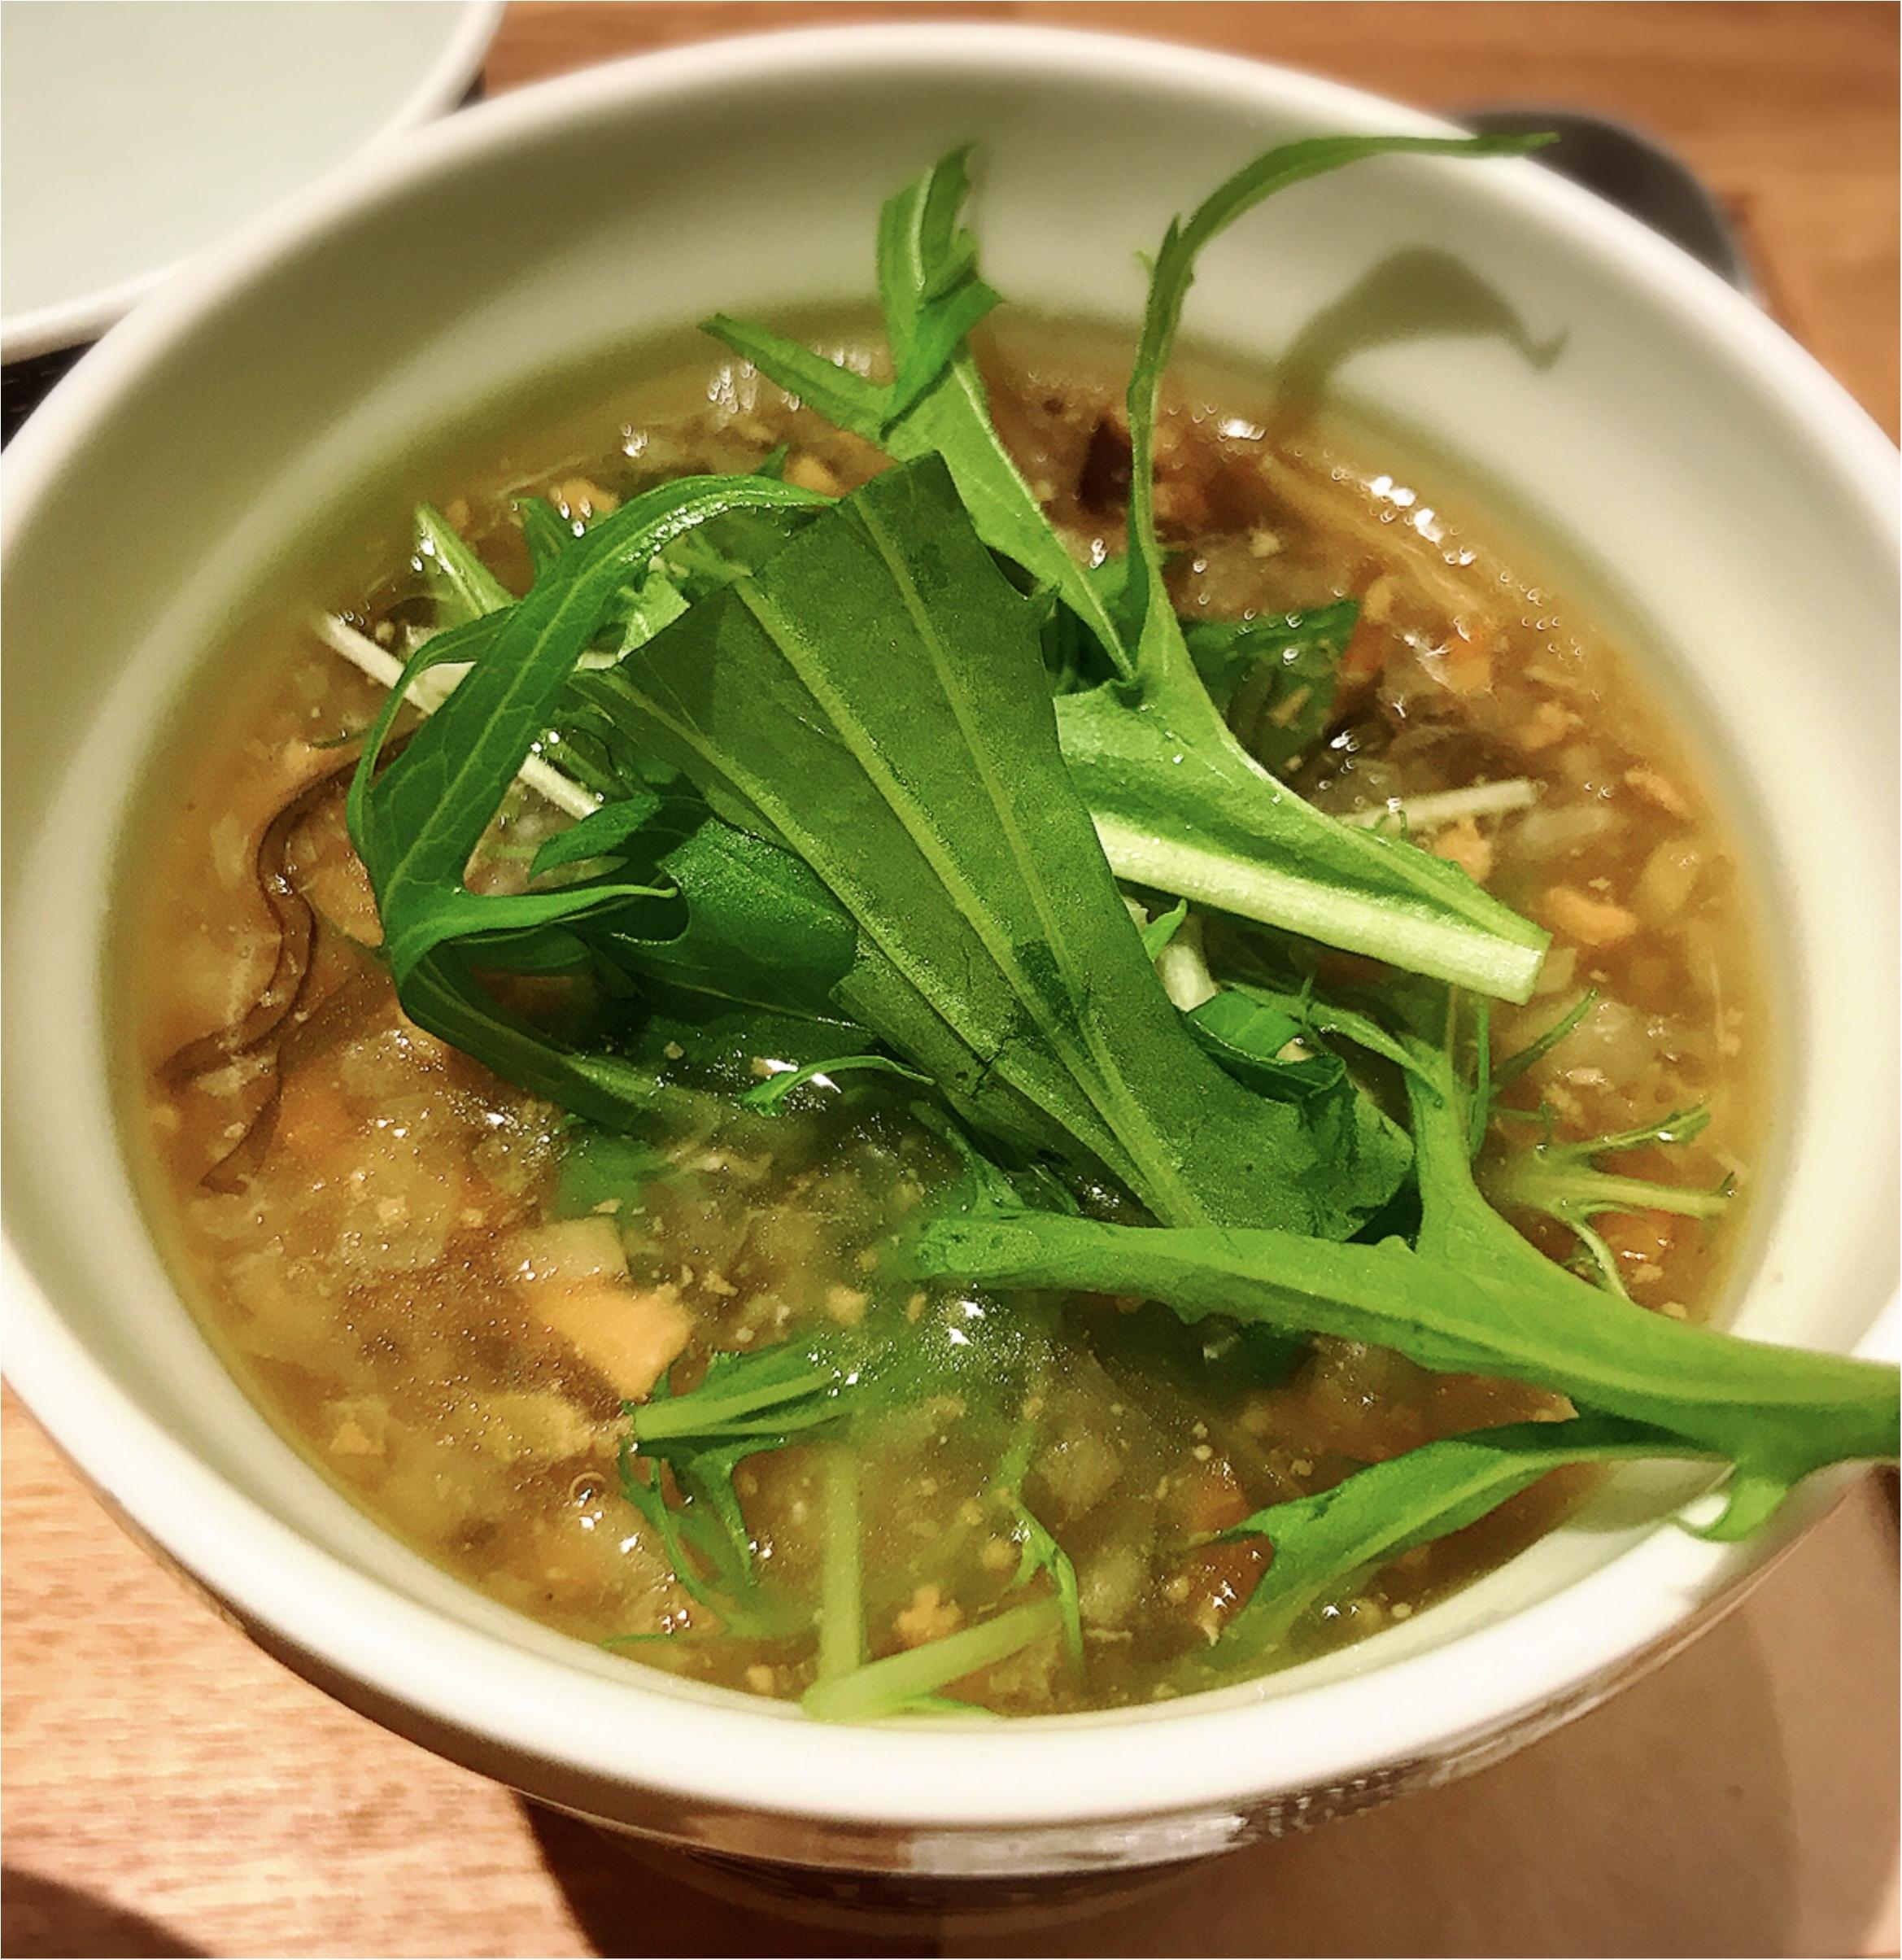 【Soup Stock Tokyo】寒い日に食べたい❤︎体があたたまるおすすめスープ☺︎_3